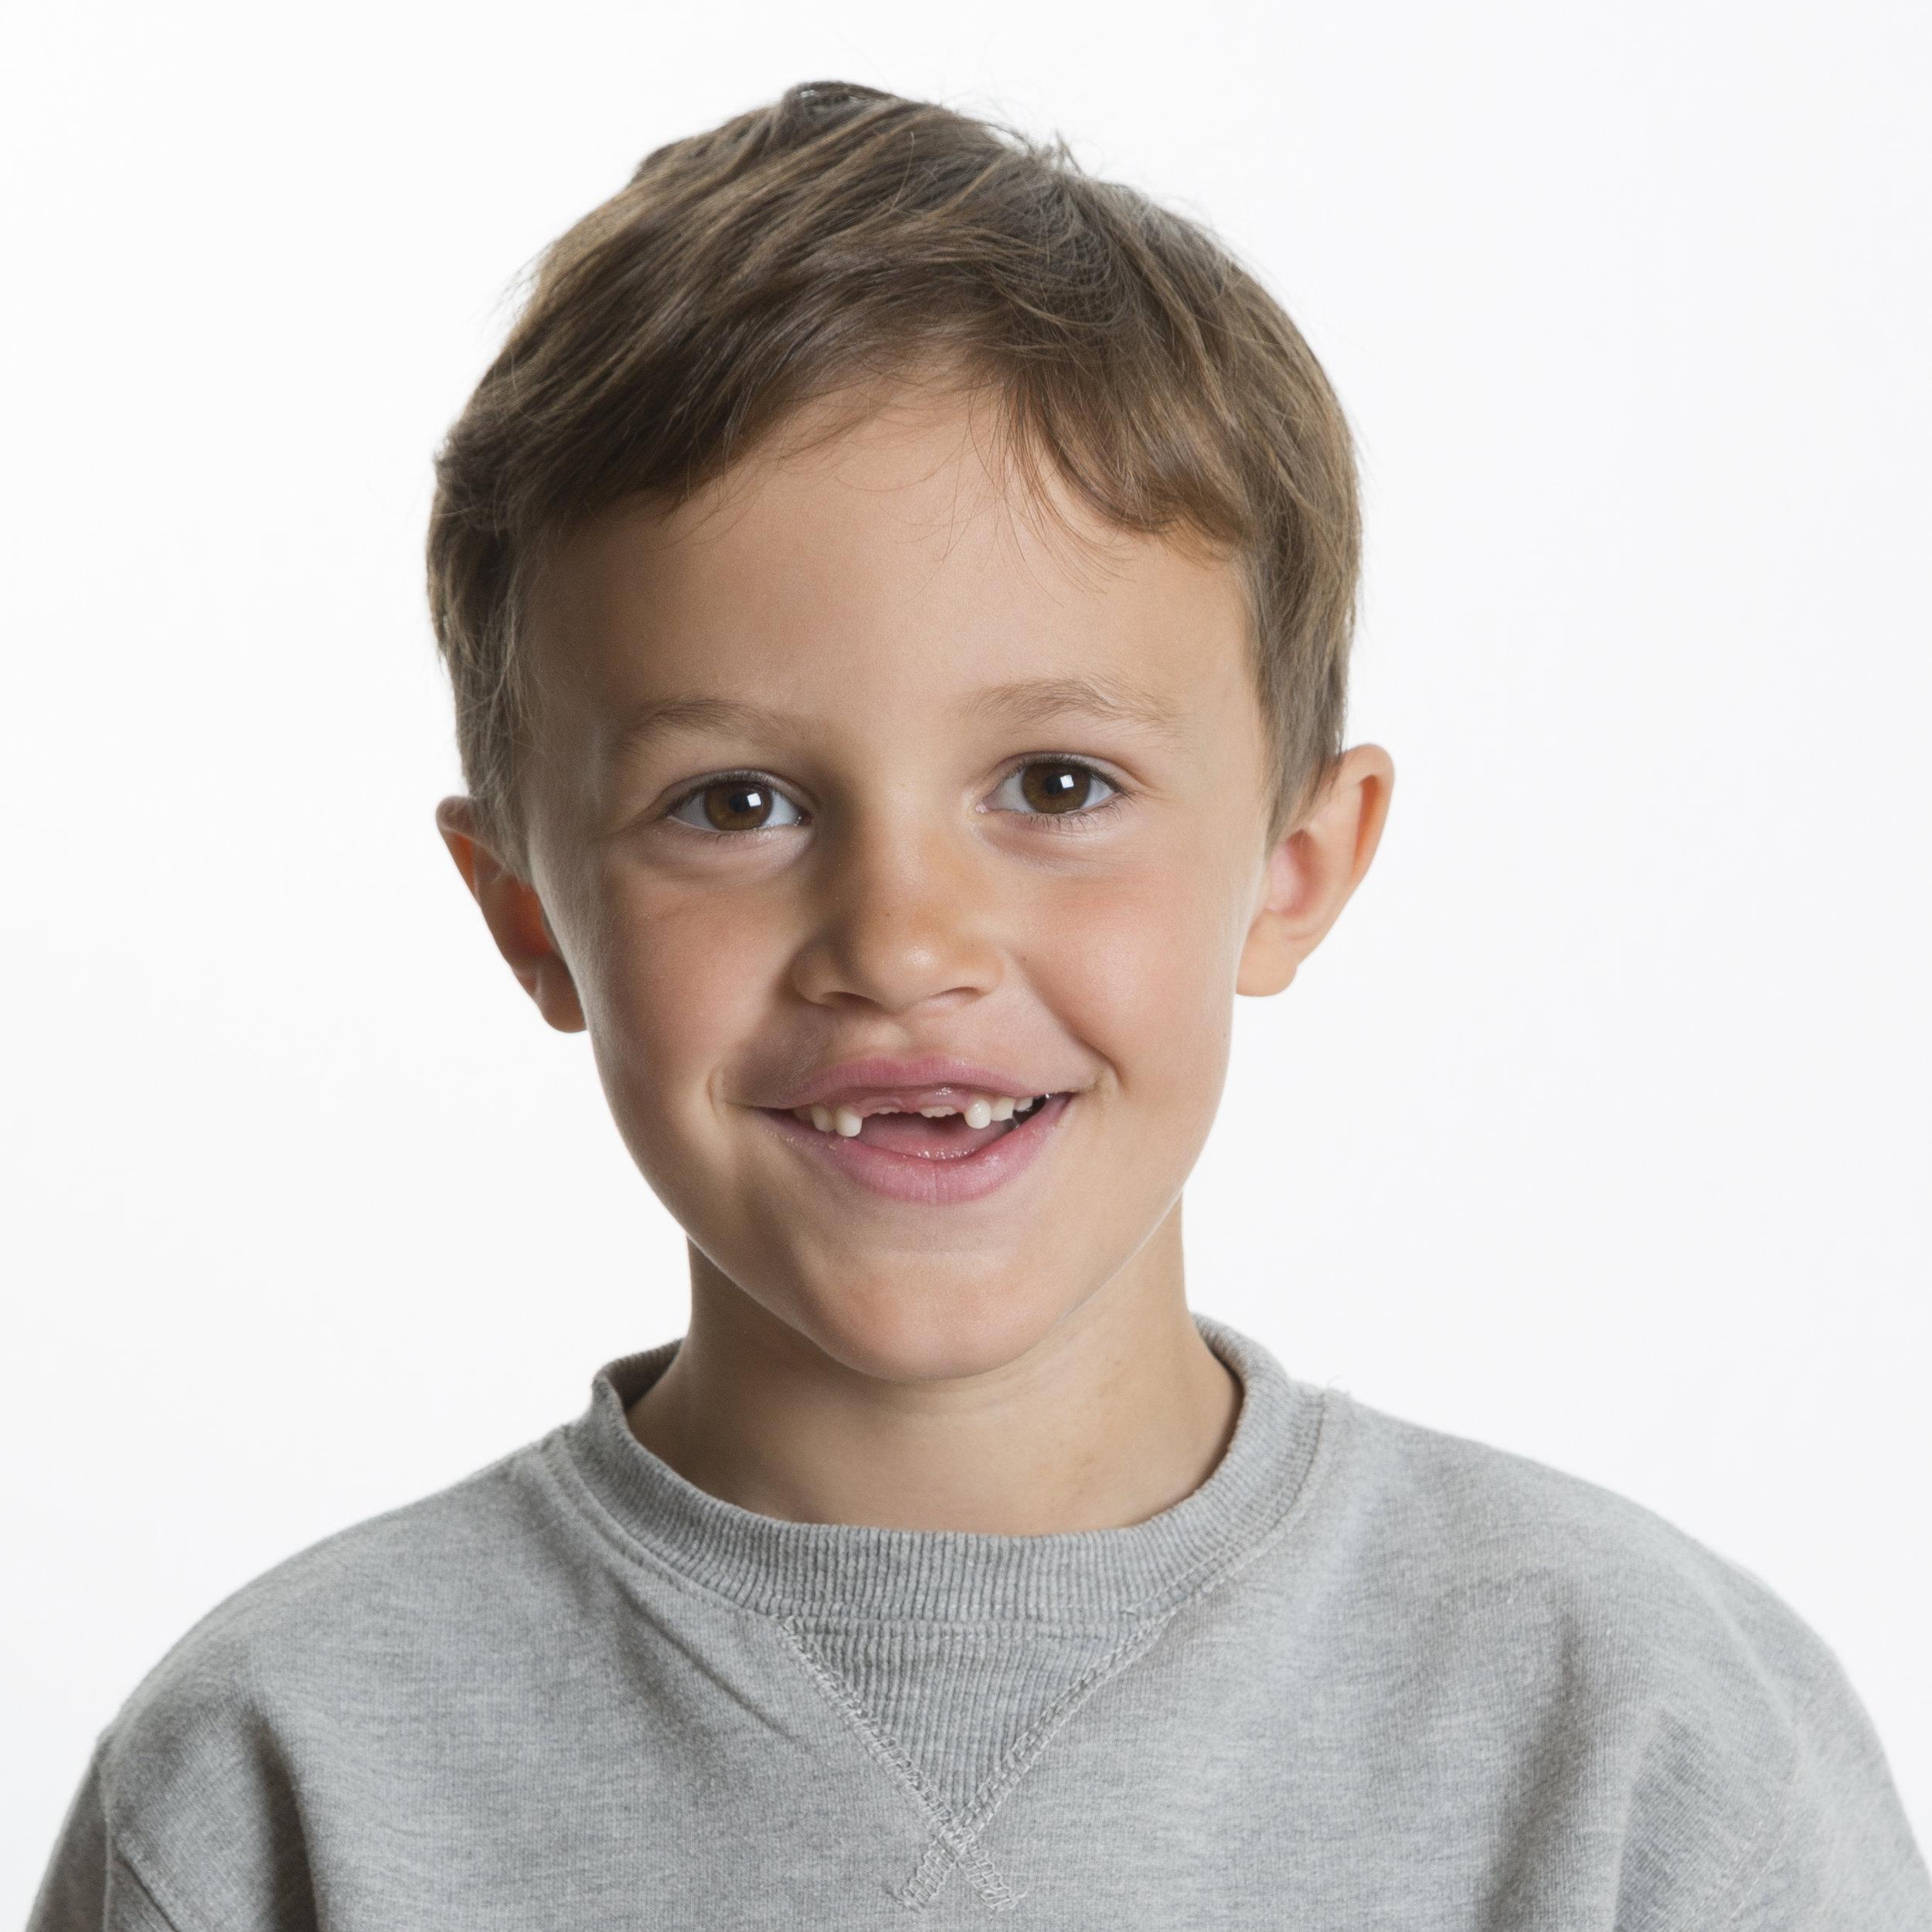 Ateljén 249kr   Den absolut populäraste fotograferingen. Under tio minuter fotograferas du eller ditt barn. Ni får mellan fyra bilder och 12 bilder som läggs upp på internet (www.skolfotoweb.se). Där väljer du ut vilka bilder du vill köpa.